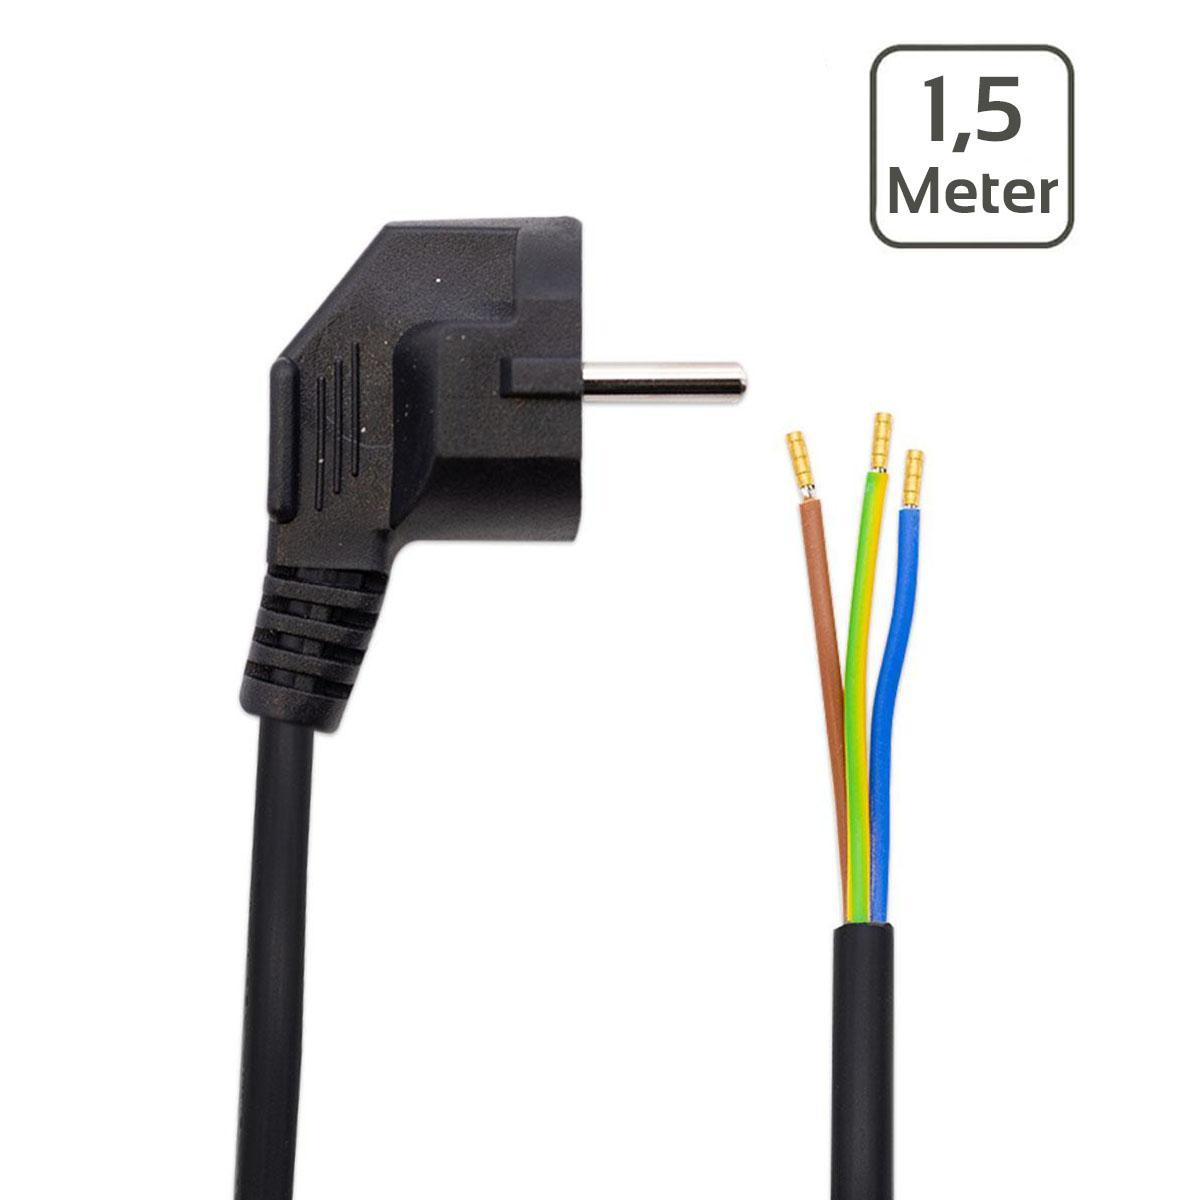 Netzkabel IP44 wetterfest schwarz, 3-adrig mit Schutzkontaktstecker, 150 cm, offene Kabelenden 3-adrig